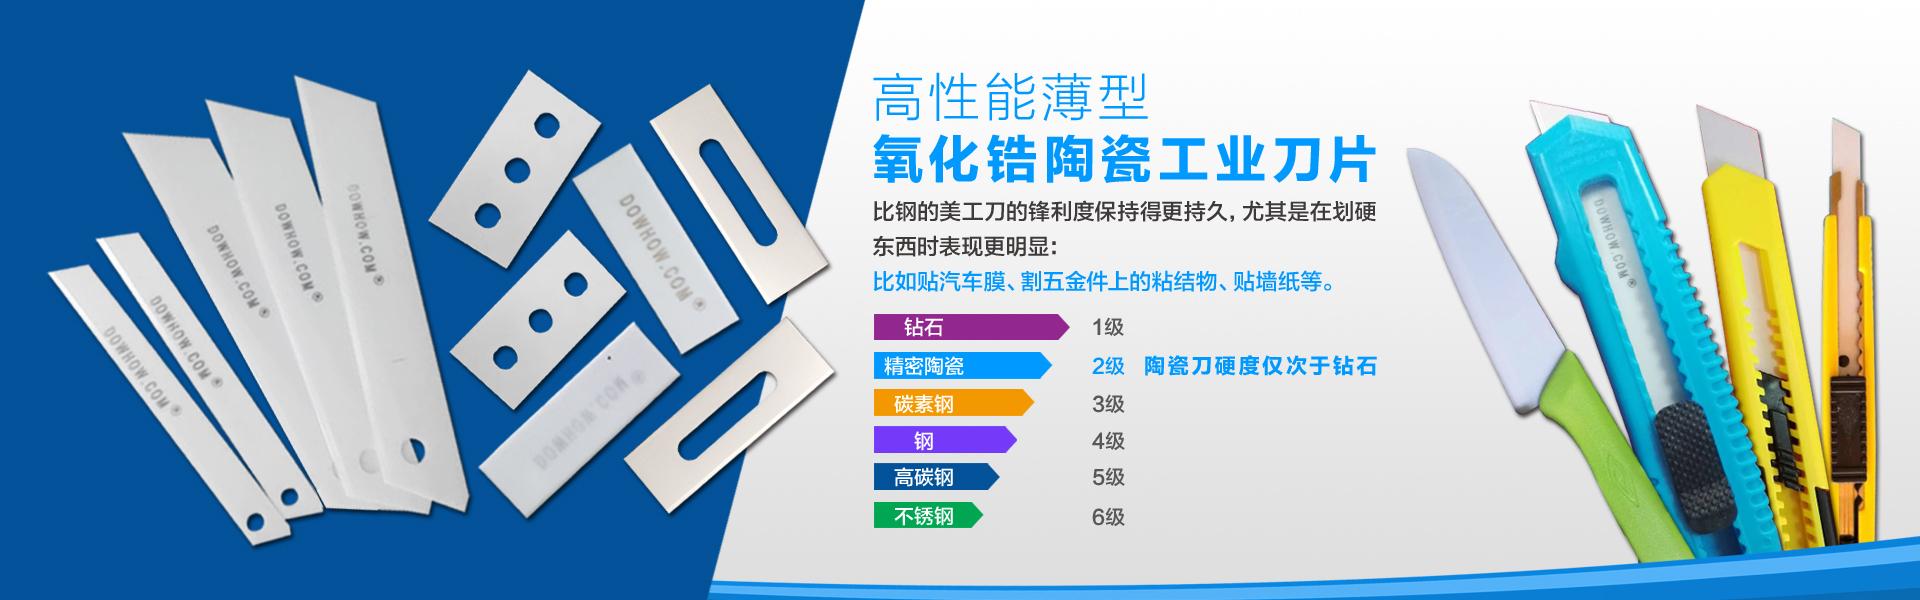 肇庆达昊科技有限公司主要产品有陶瓷指纹片、陶瓷纺织刀、陶瓷美工刀、陶瓷三孔刀。